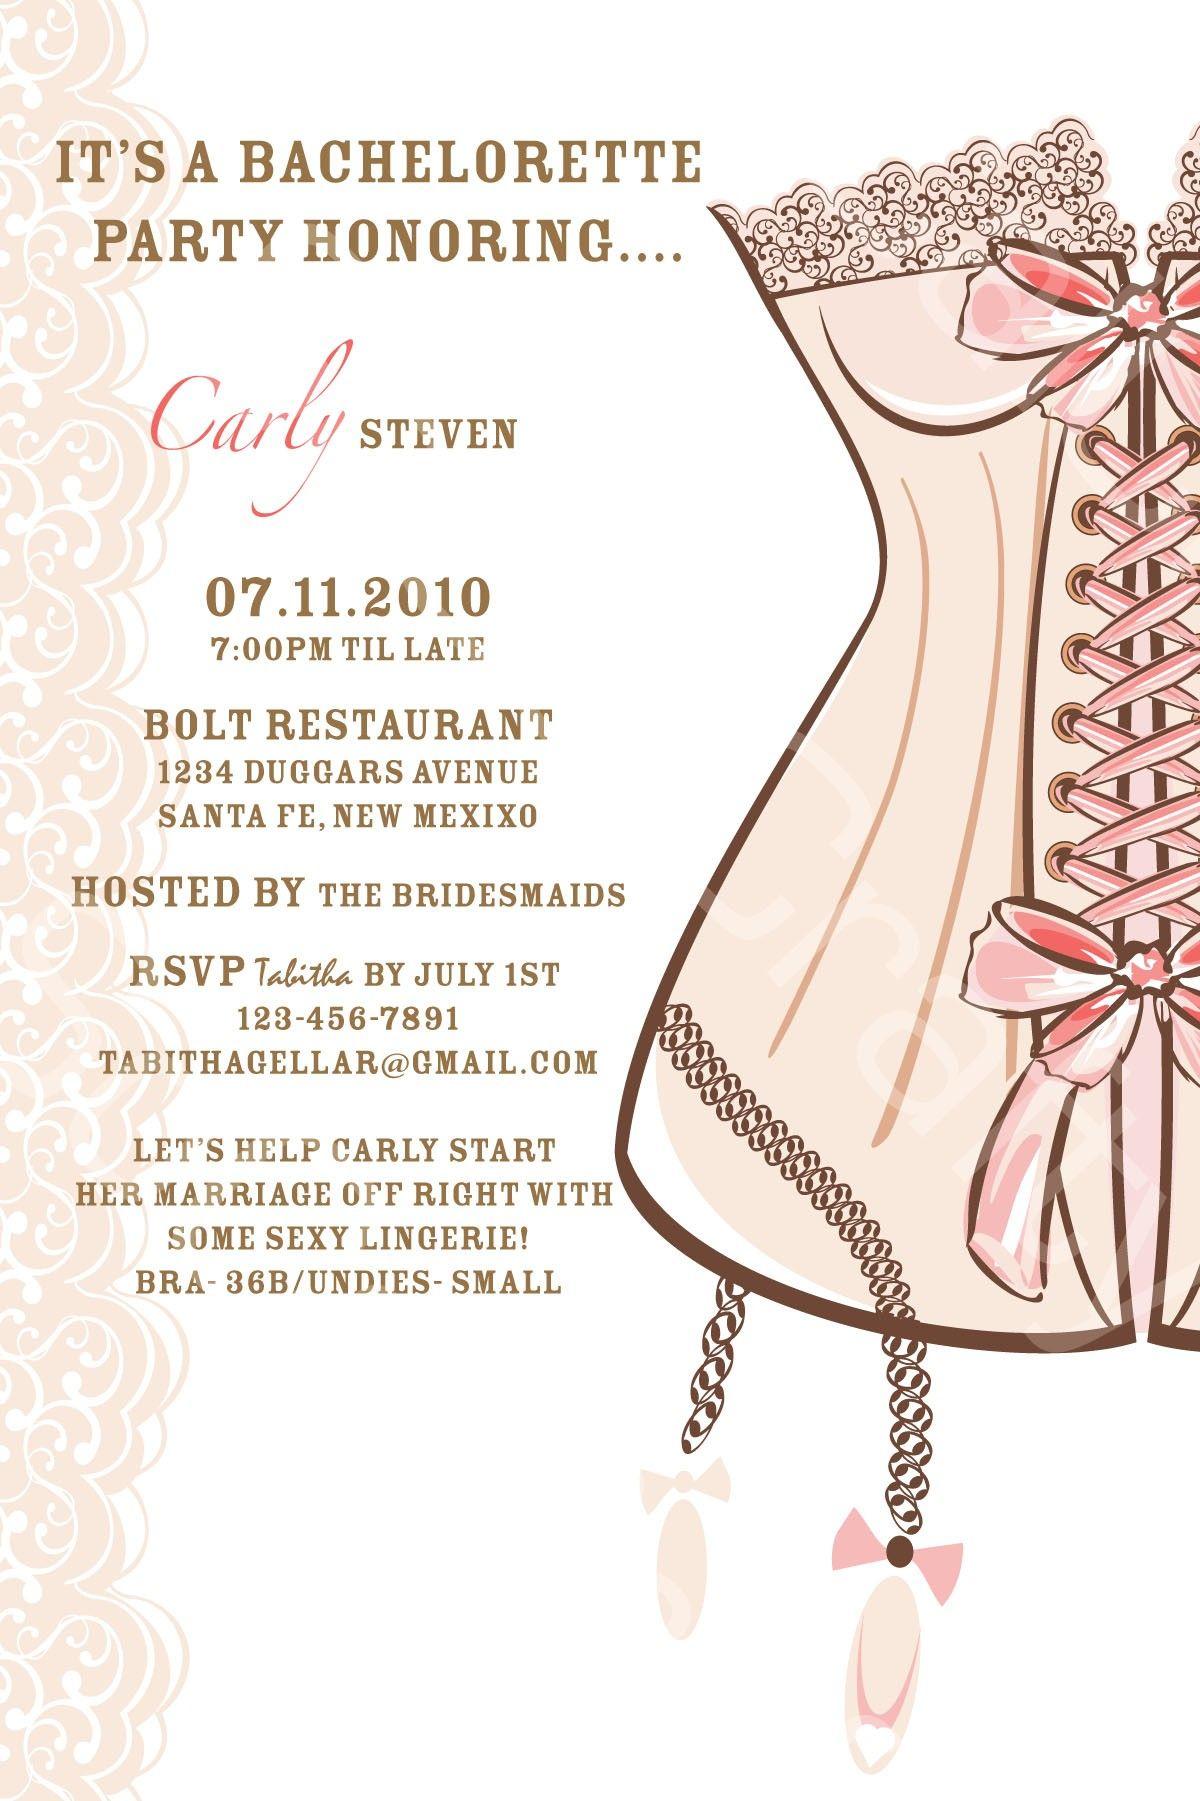 Unique Ideas For Bachelorette Party Invitation Wording Templates The T Party Invite Template Bachelorette Party Invitations Free Bachelorette Party Invitations